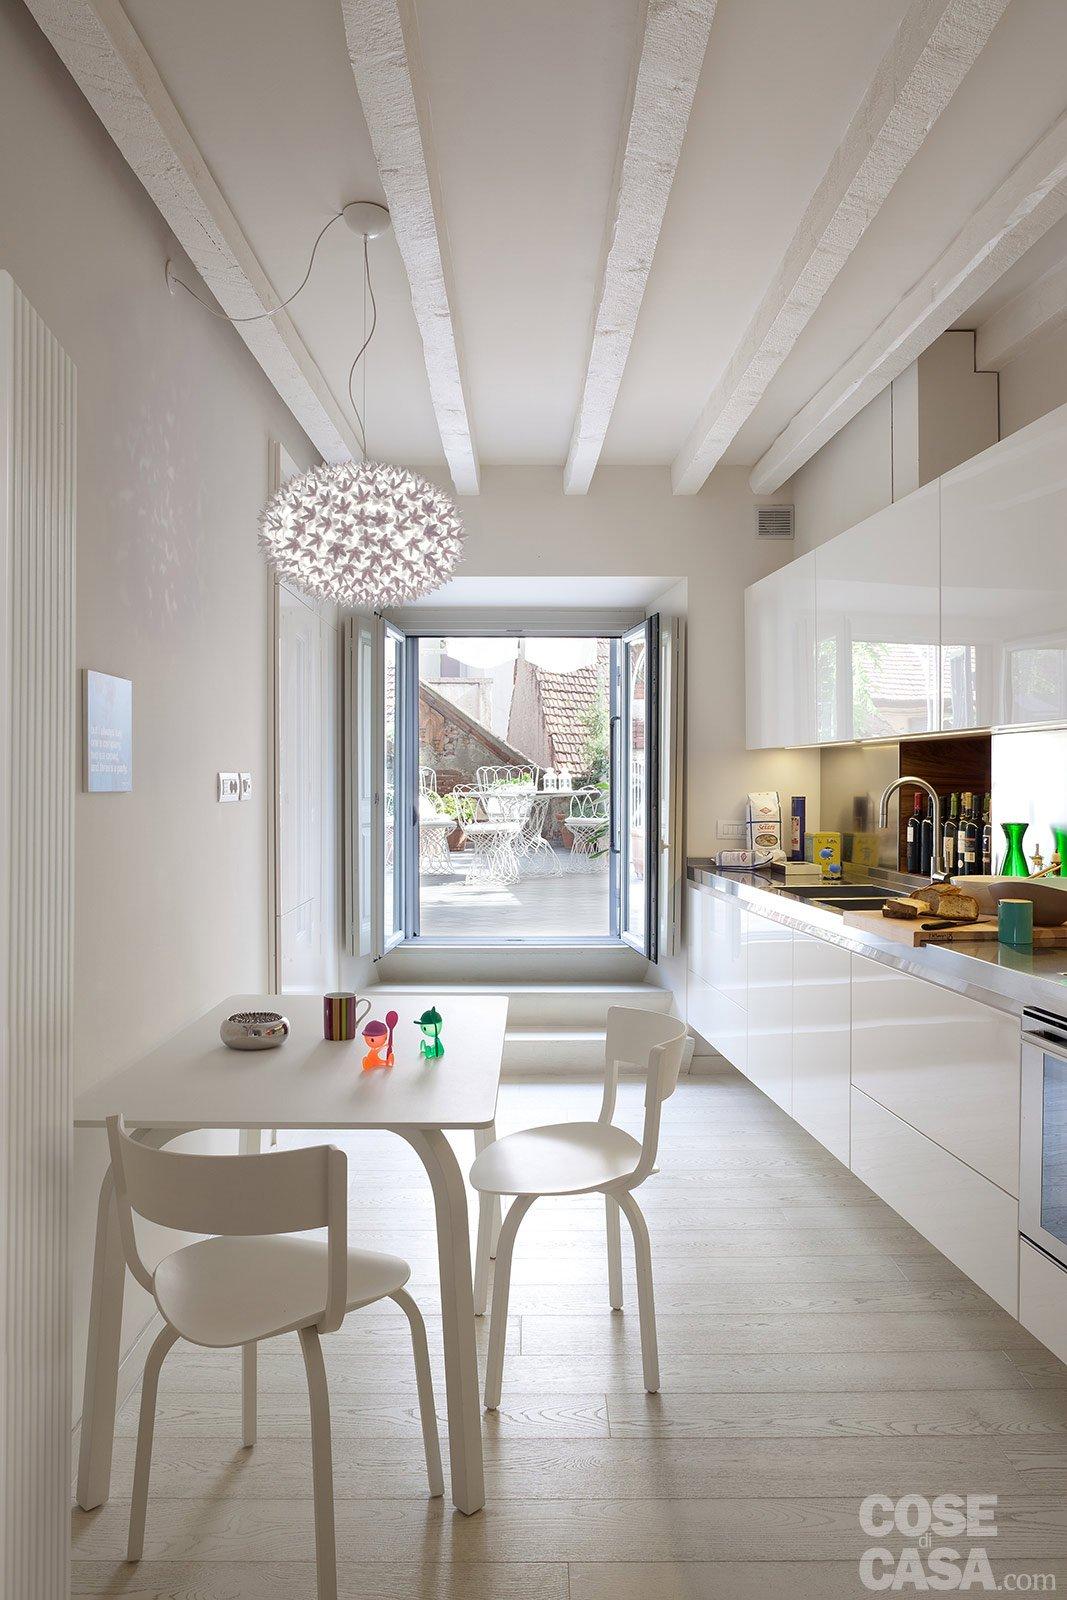 Spazio Guadagnato Per La Casa Di 63 Mq Cose Di Casa #276F37 1067 1600 Arredare Una Cucina Piccola E Stretta